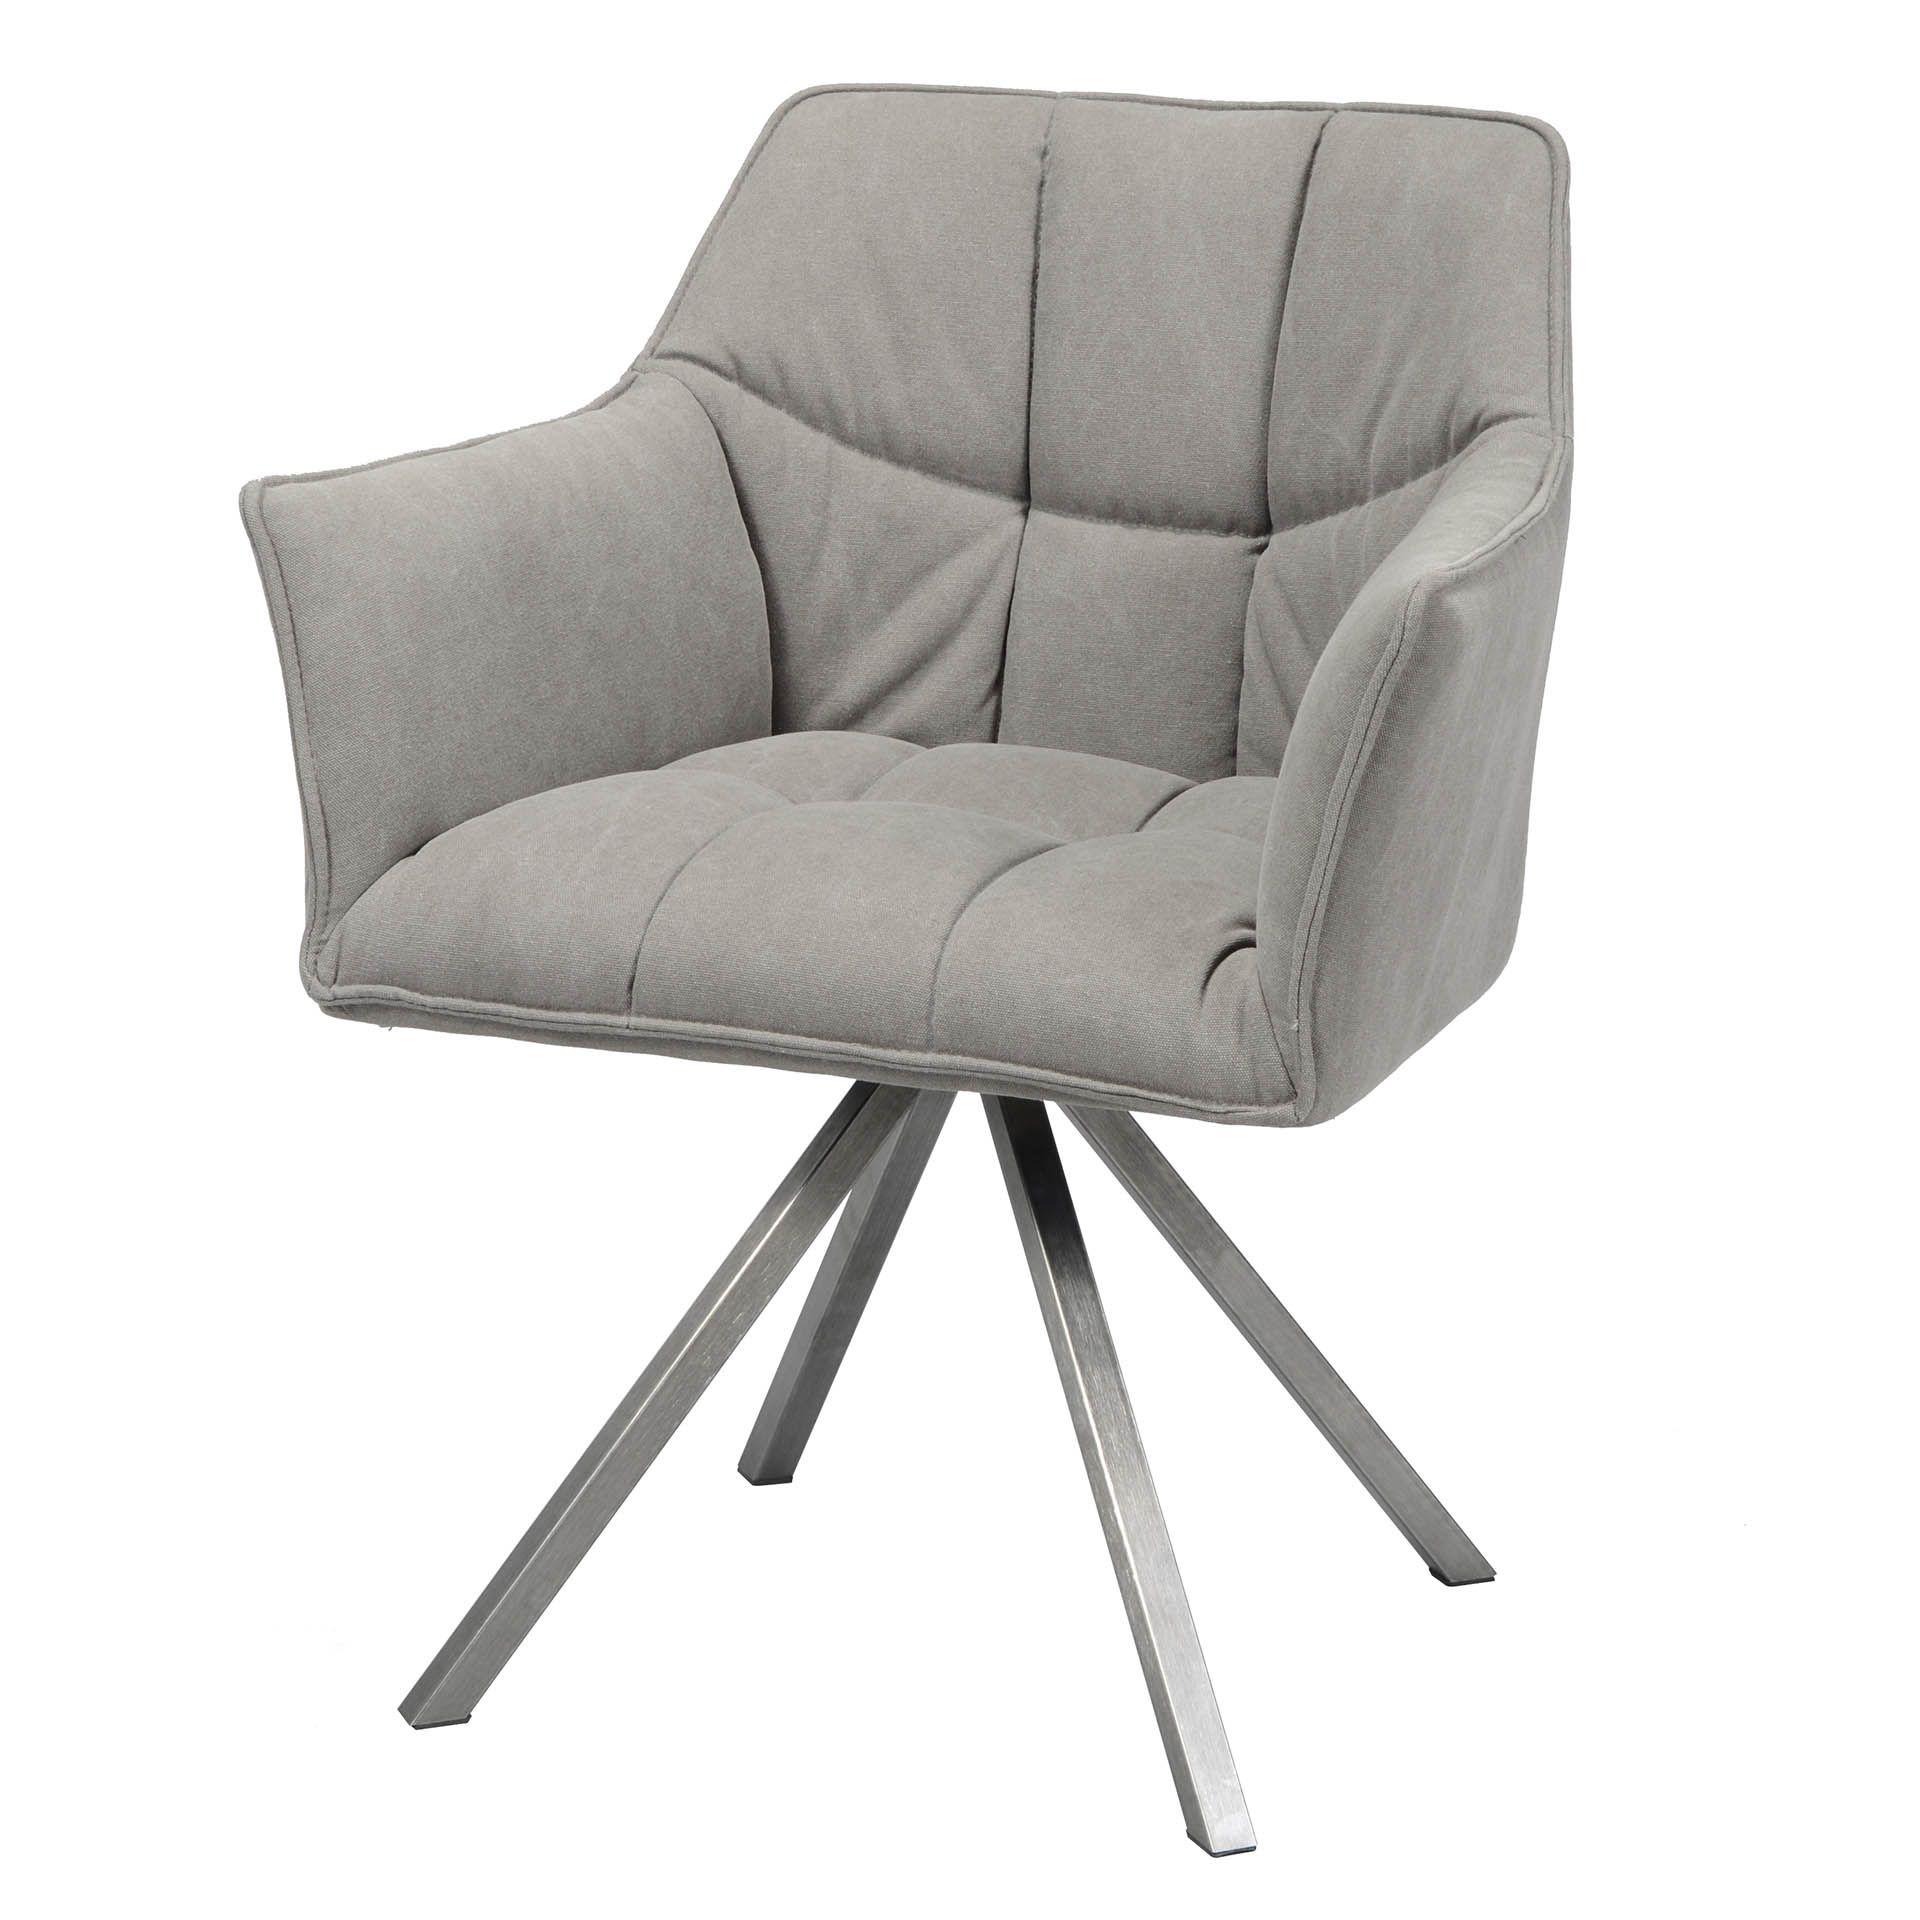 Unser Armlehnenstuhl Grid Uberzeugt Auf Vielen Wegen Hervorzuheben Ist Die Moderne Steppung In Sitz Und Rucken Sowie Der R Polsterstuhl Stuhle Esstisch Sessel